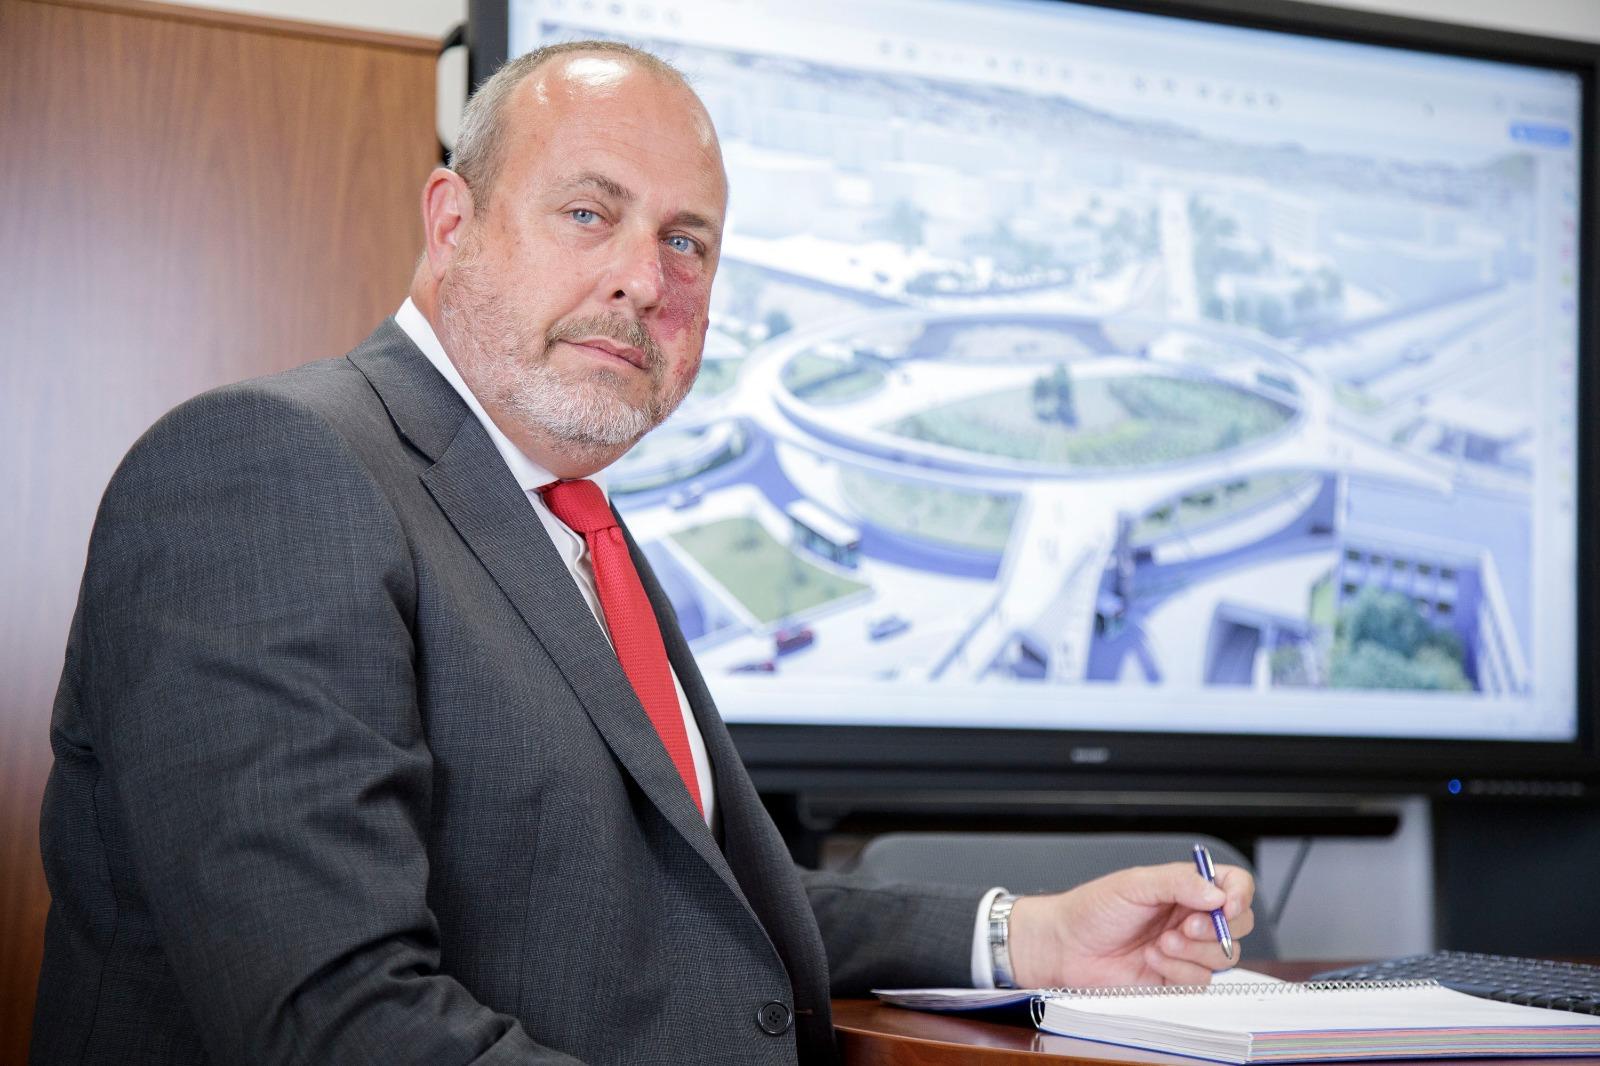 Enrique Arriaga, vicepresidente de Cs en el Cabildo de Tenerife / CanariasNoticias.es